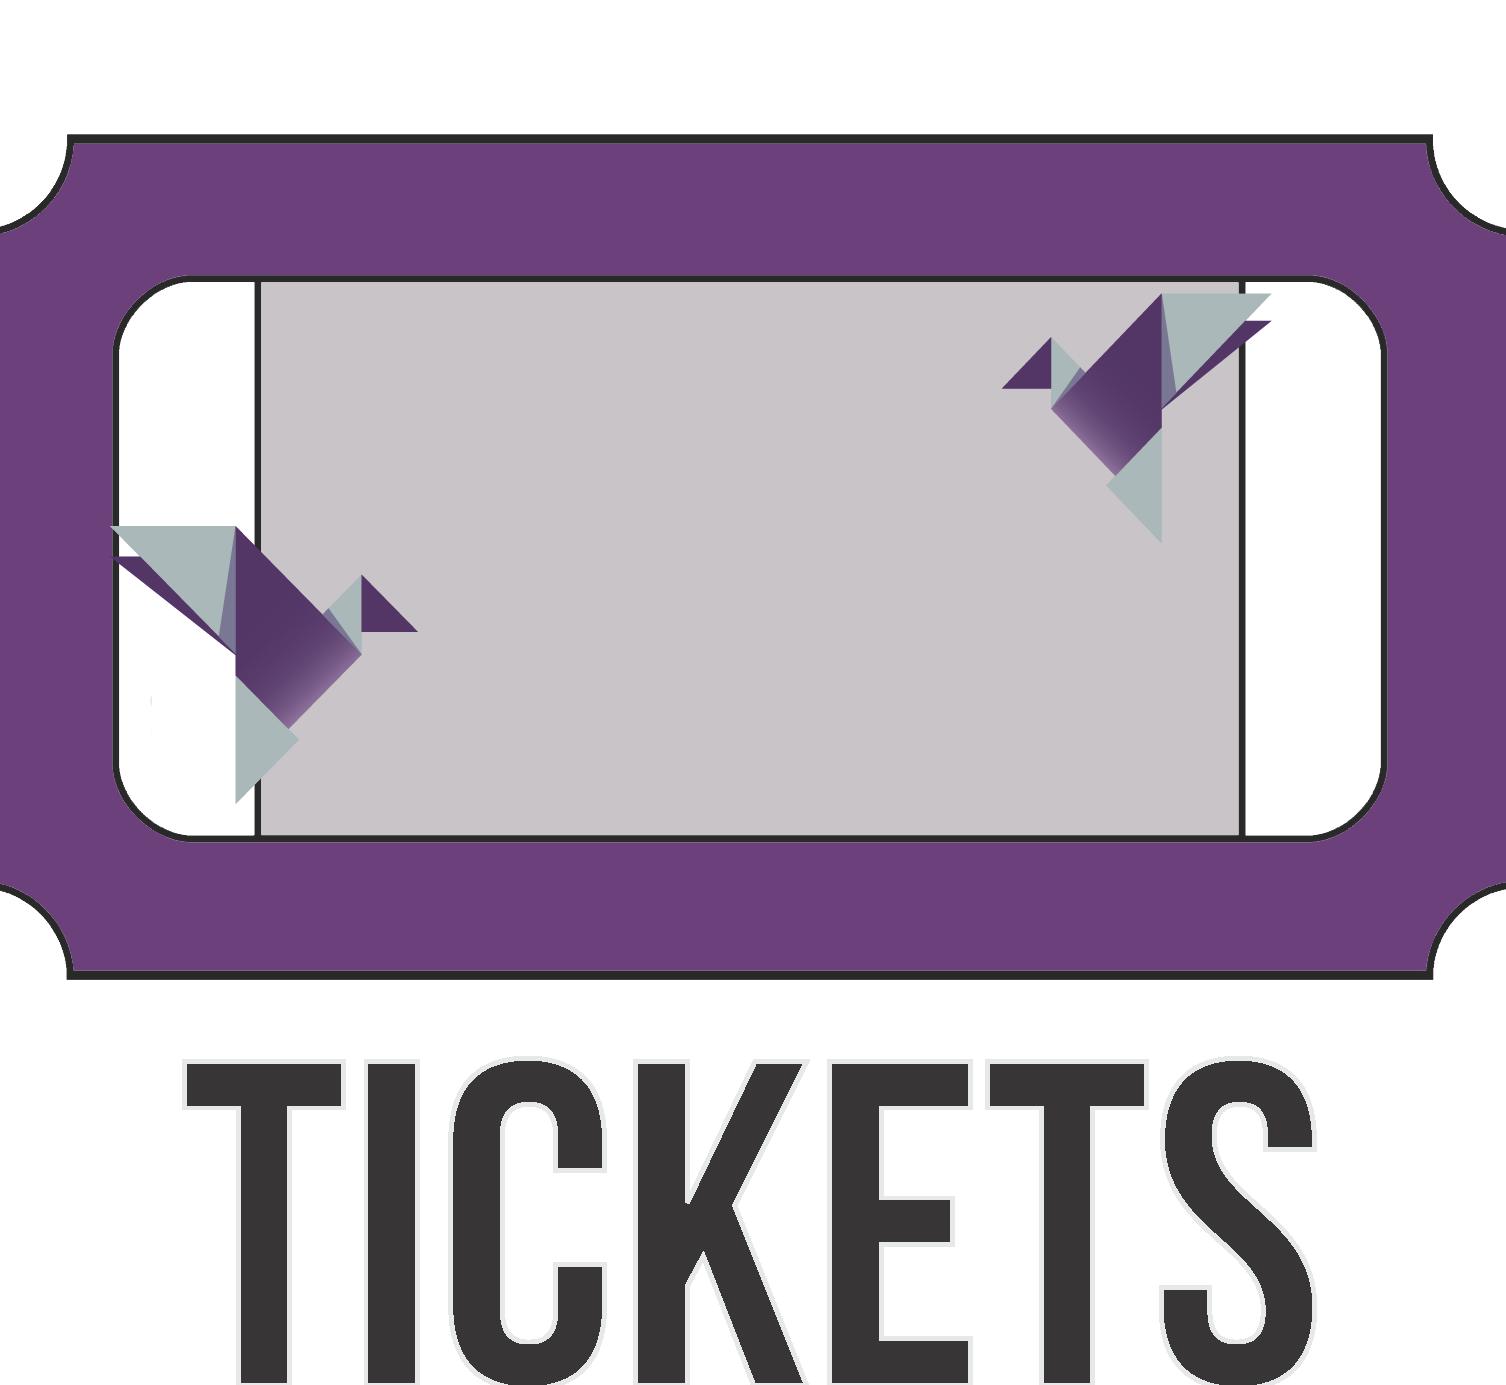 3. Tickets